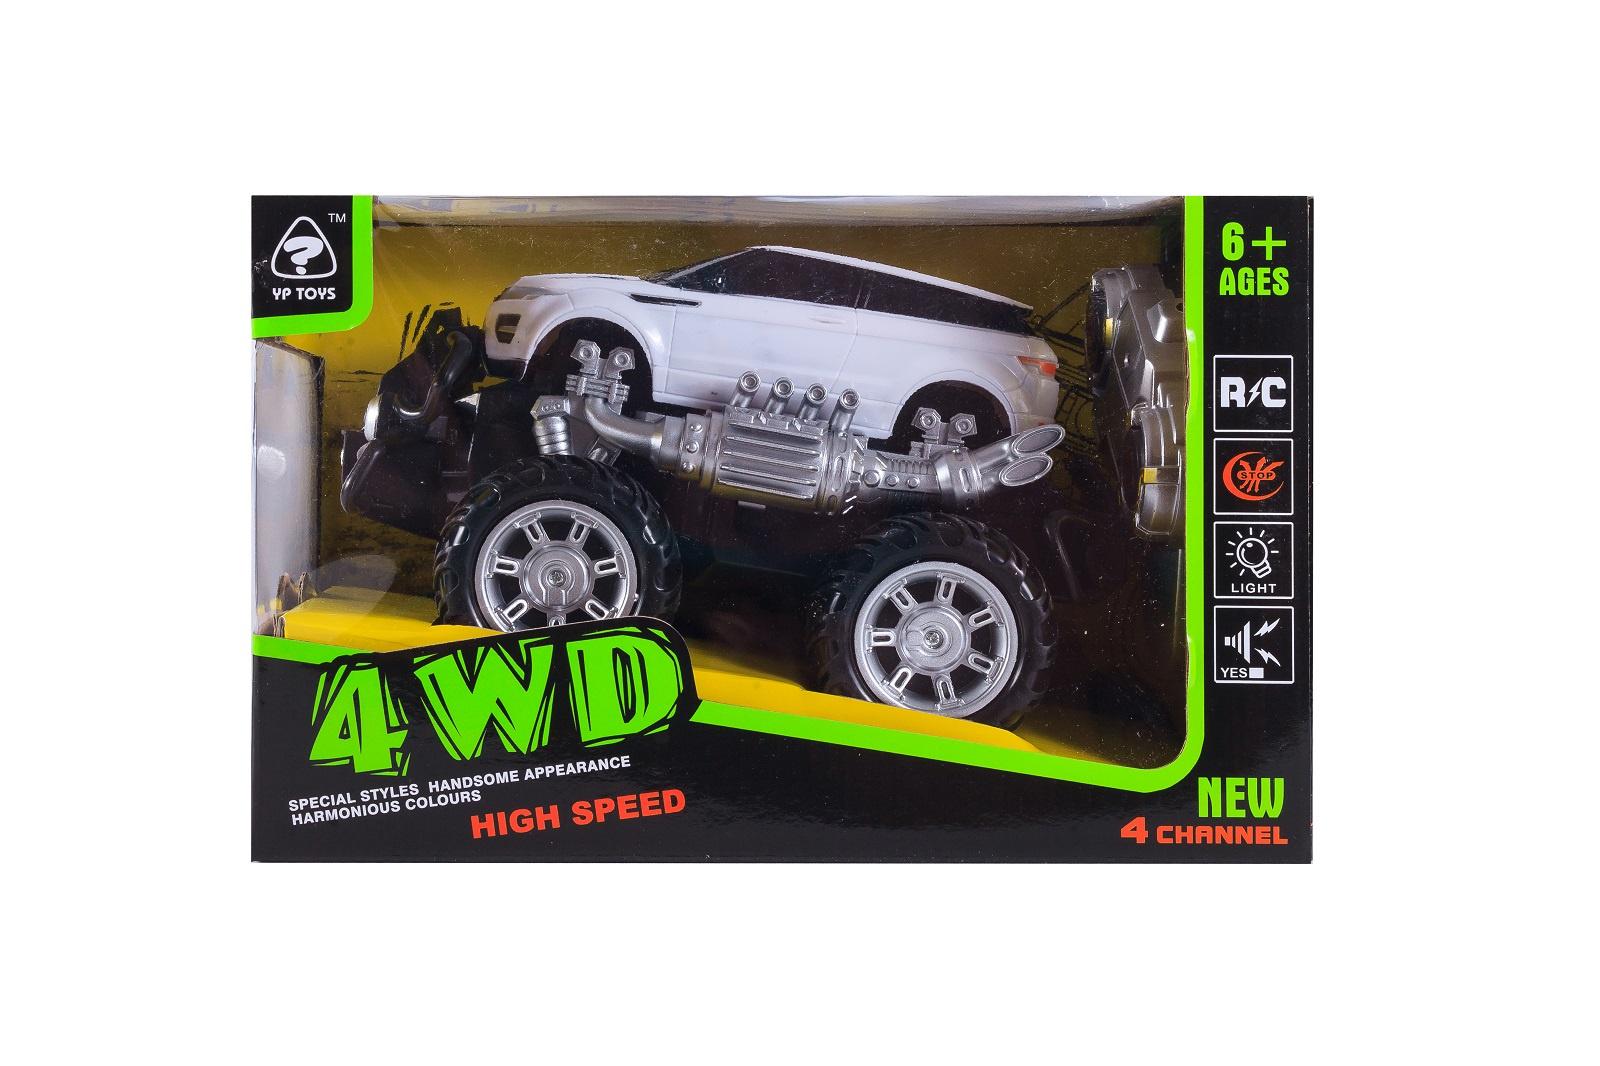 цена на Машинка радиоуправляемая S+S Toys, 100677379, белый